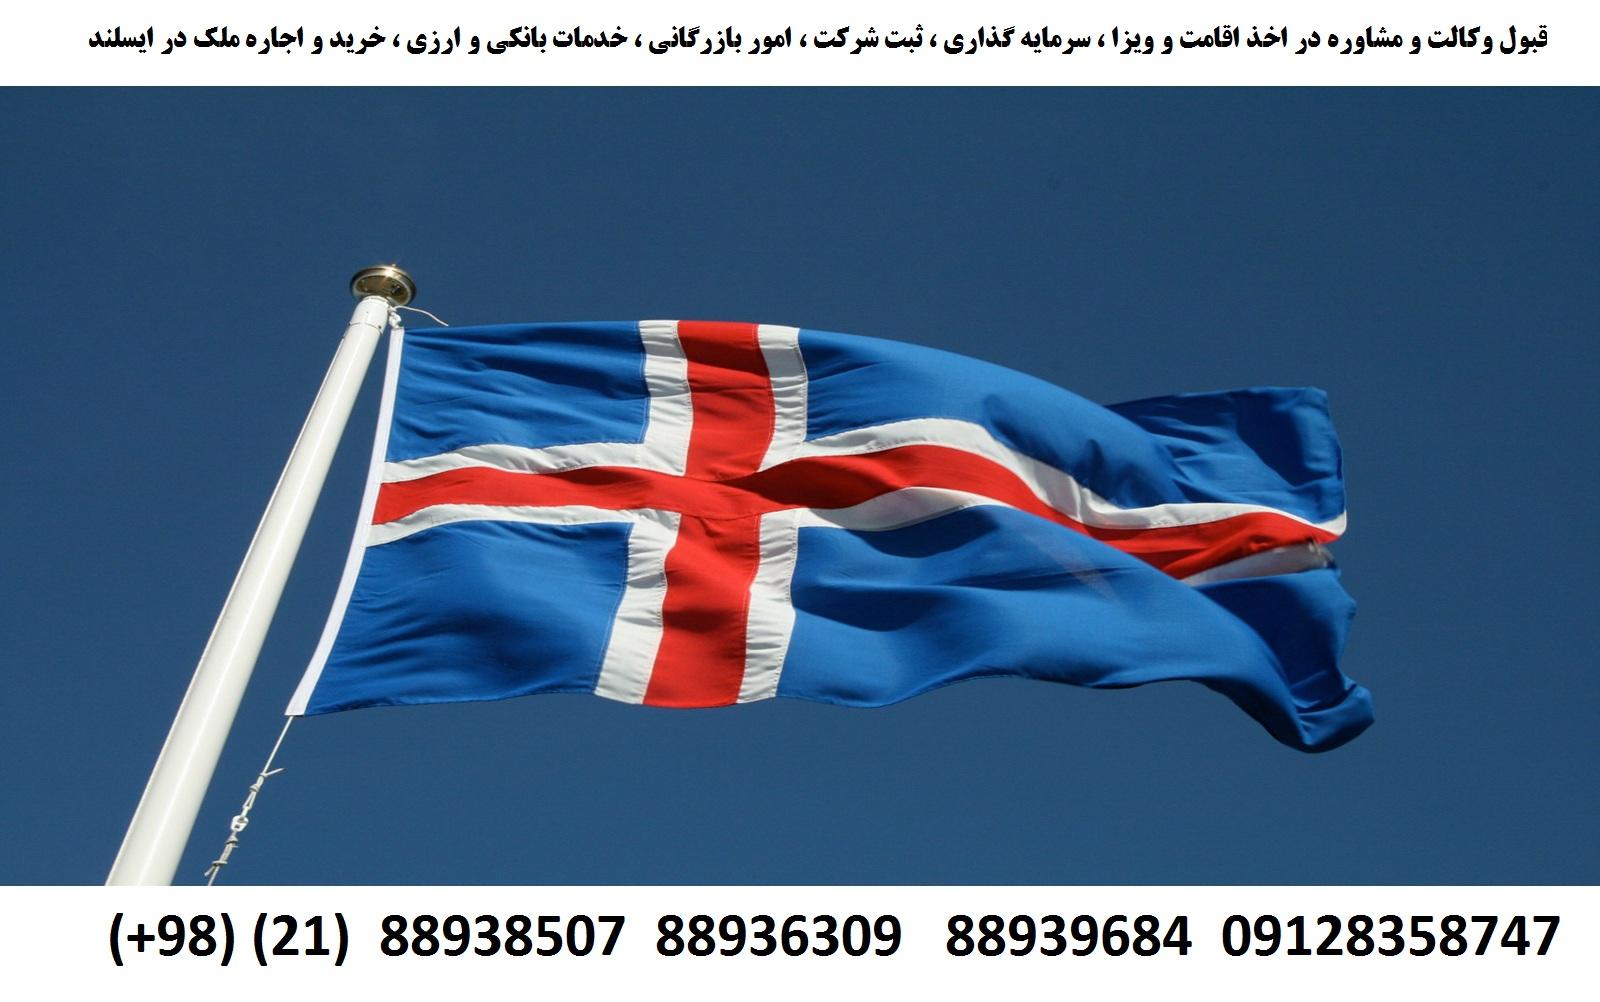 اقامت ، اخذ ویزا ، ثبت شرکت ، سرمایه گذاری در ایسلند (1)